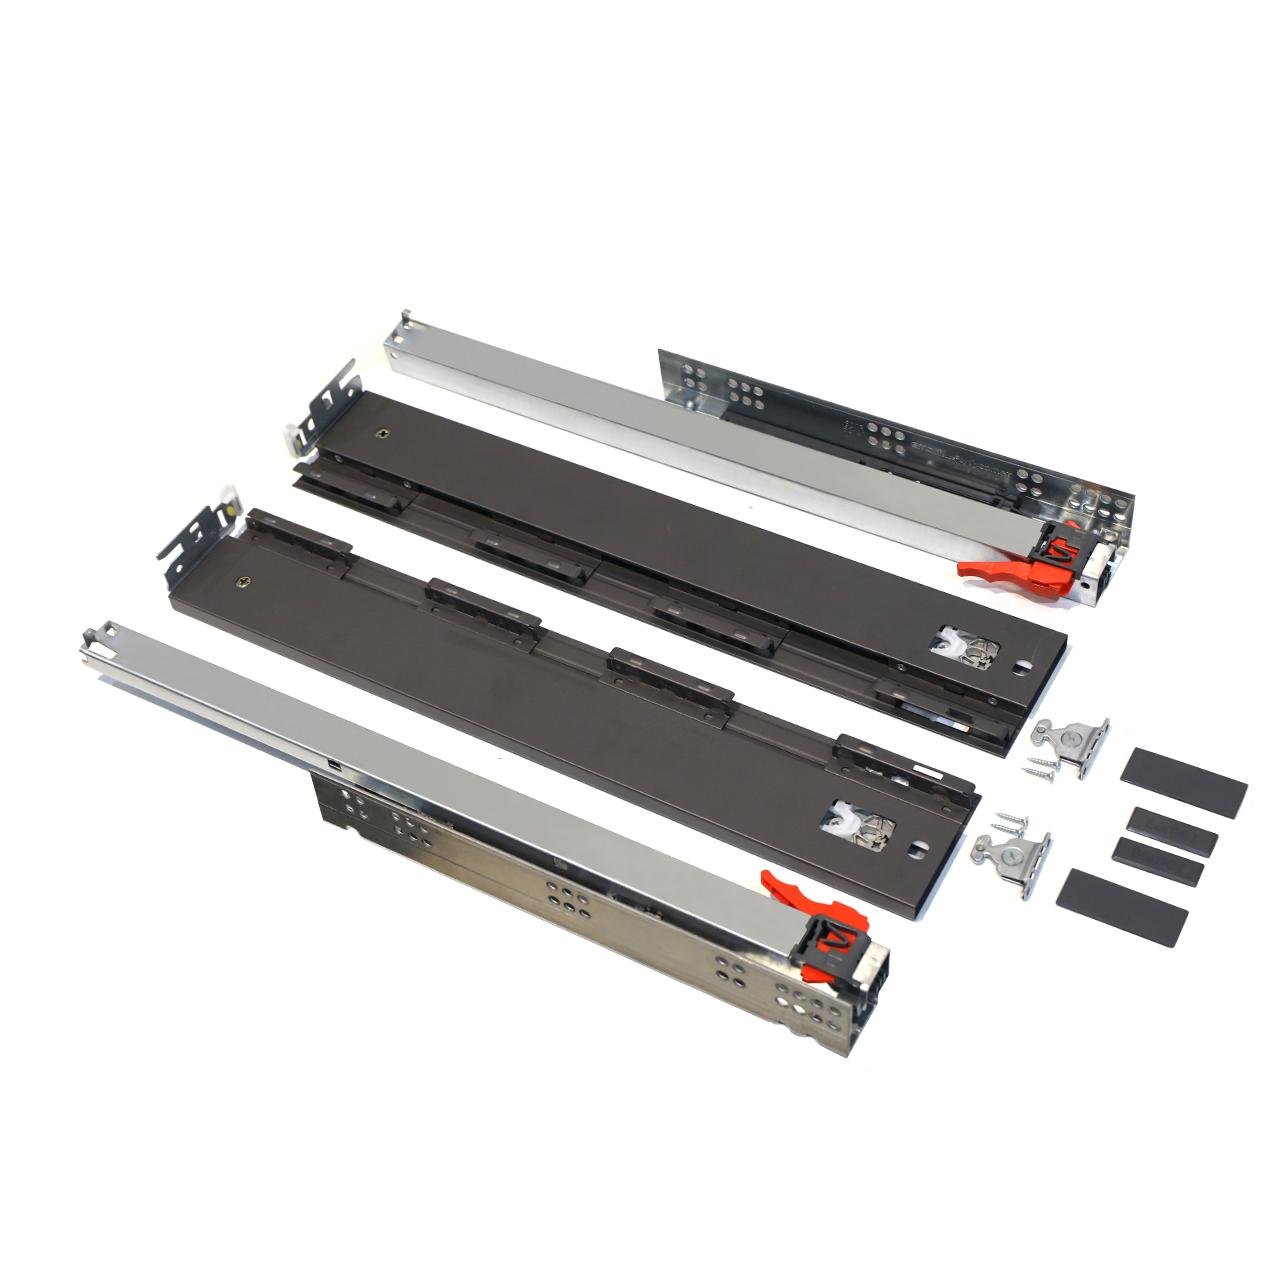 ریل کشو آرام بند صامت مدل SmartFlow A50H58سایز 50 سانتیمتری بسته 2 عددی